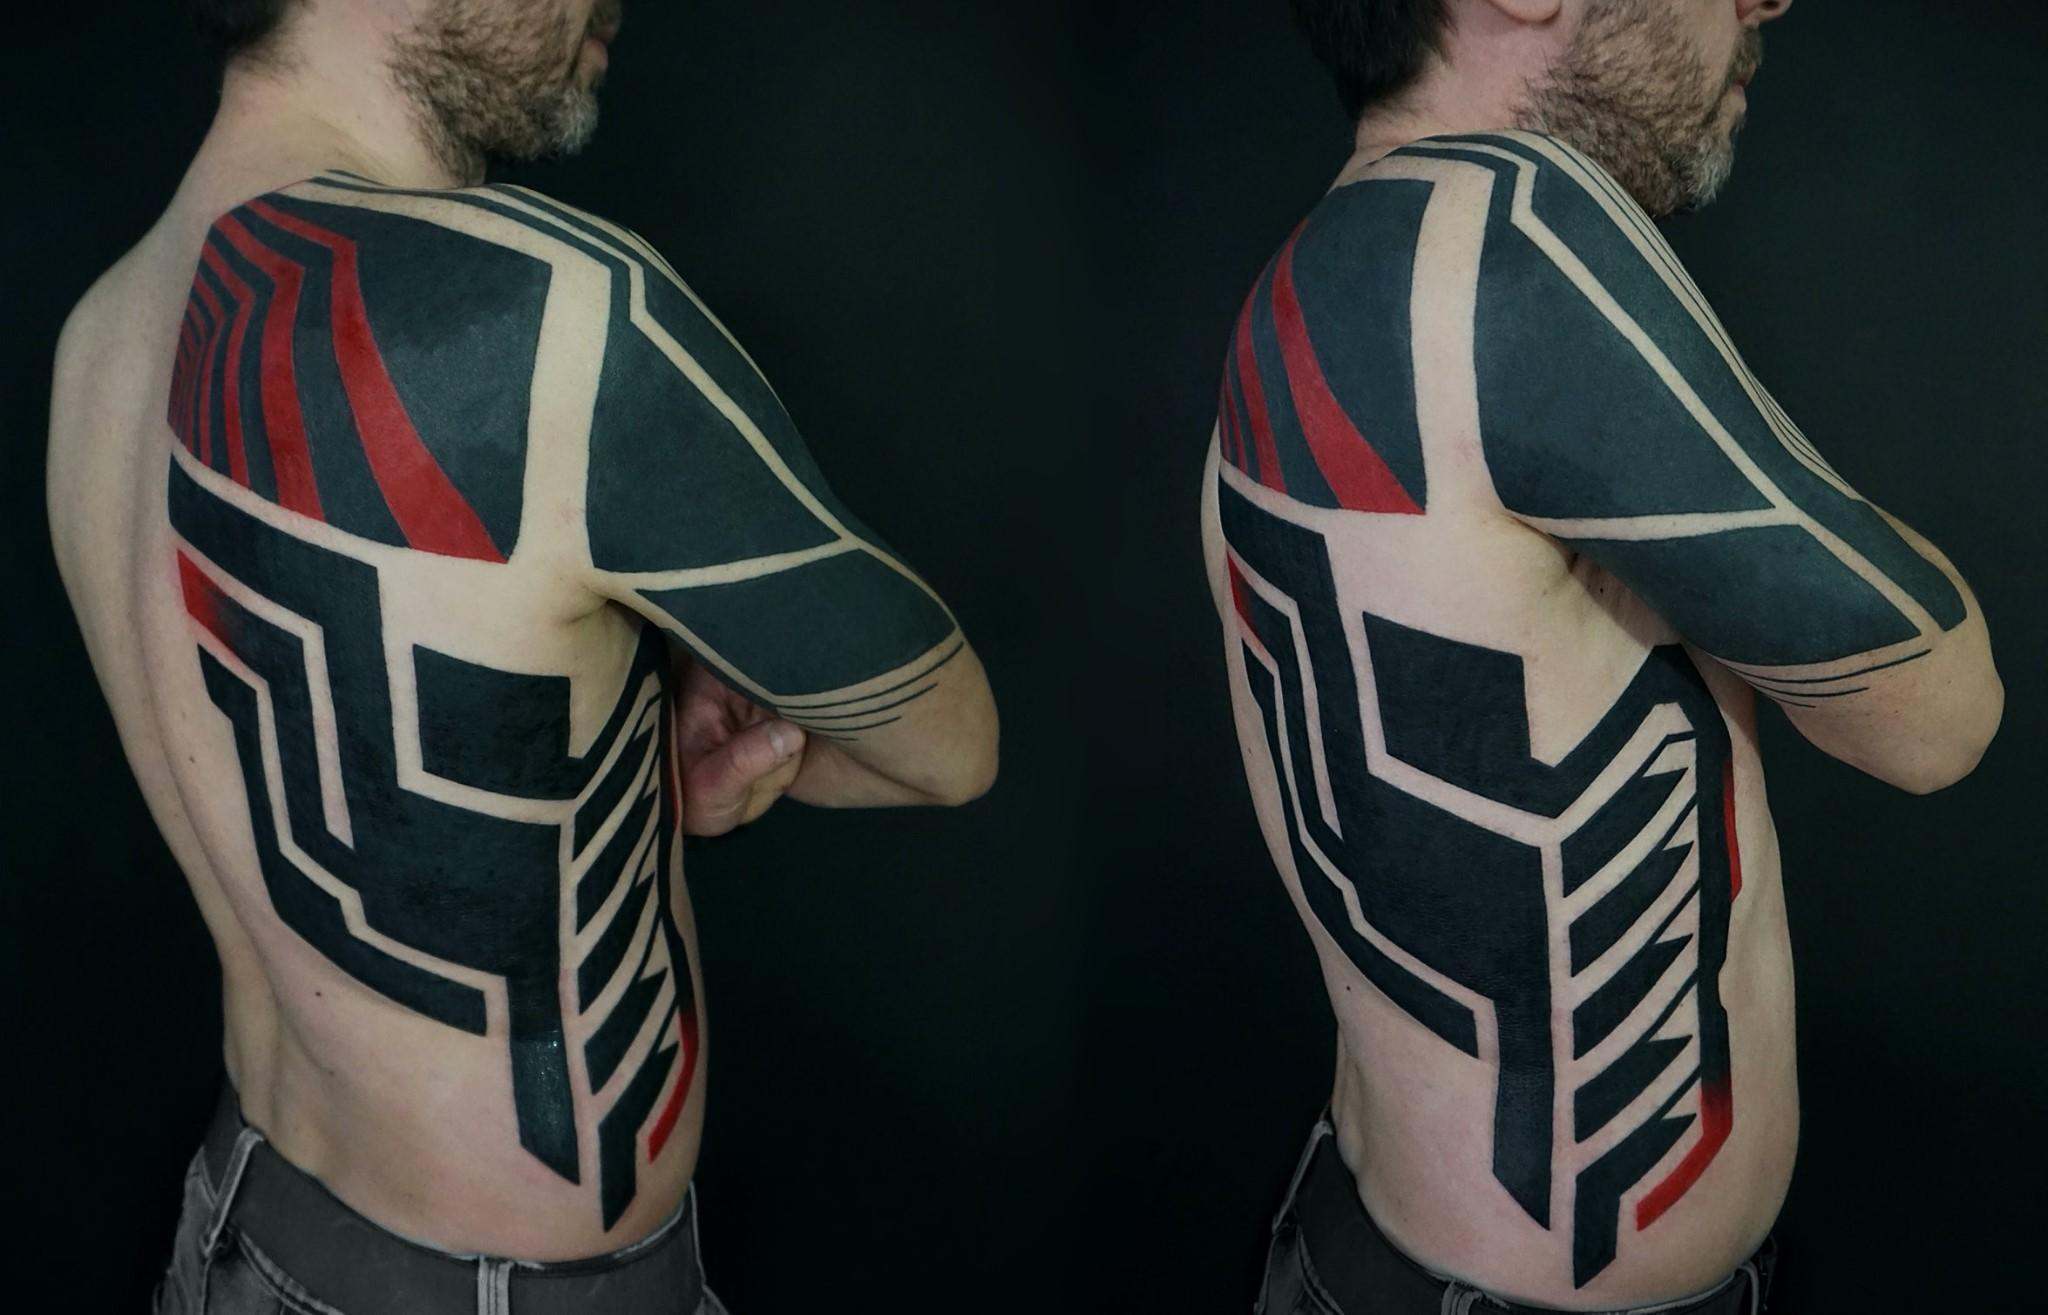 Haxan inksearch tattoo